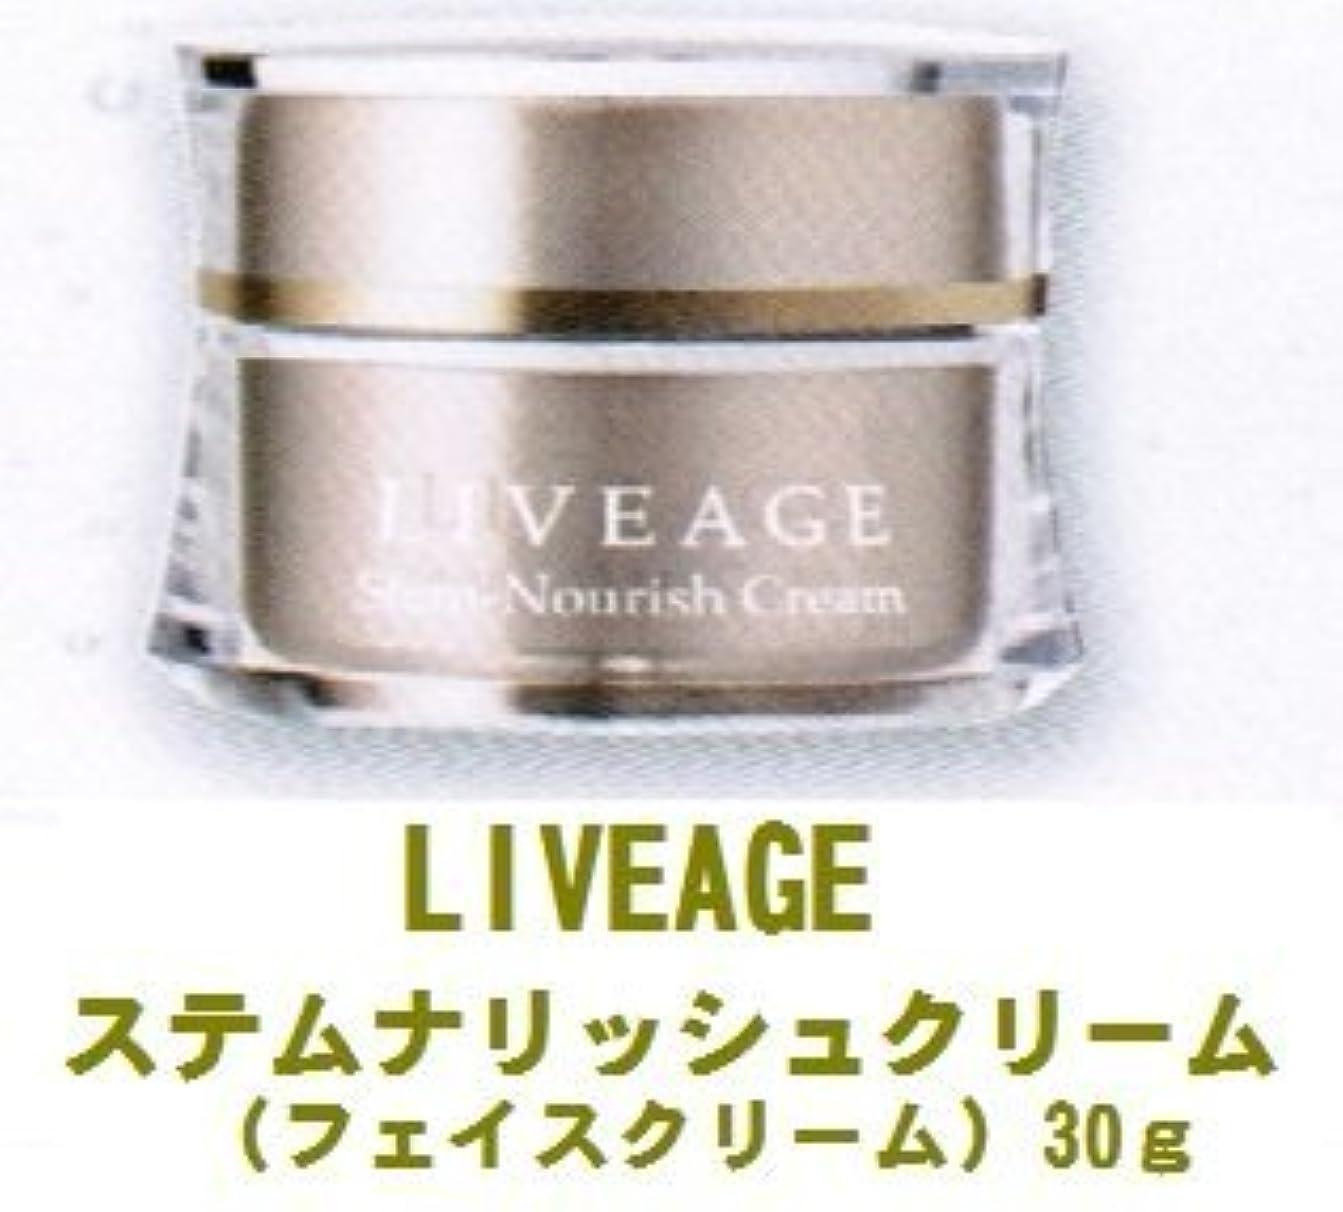 申込みマスク上昇LIVEAGE(ライヴァージュ)ステムナリッシュ クリーム(フェイスクリーム)30g